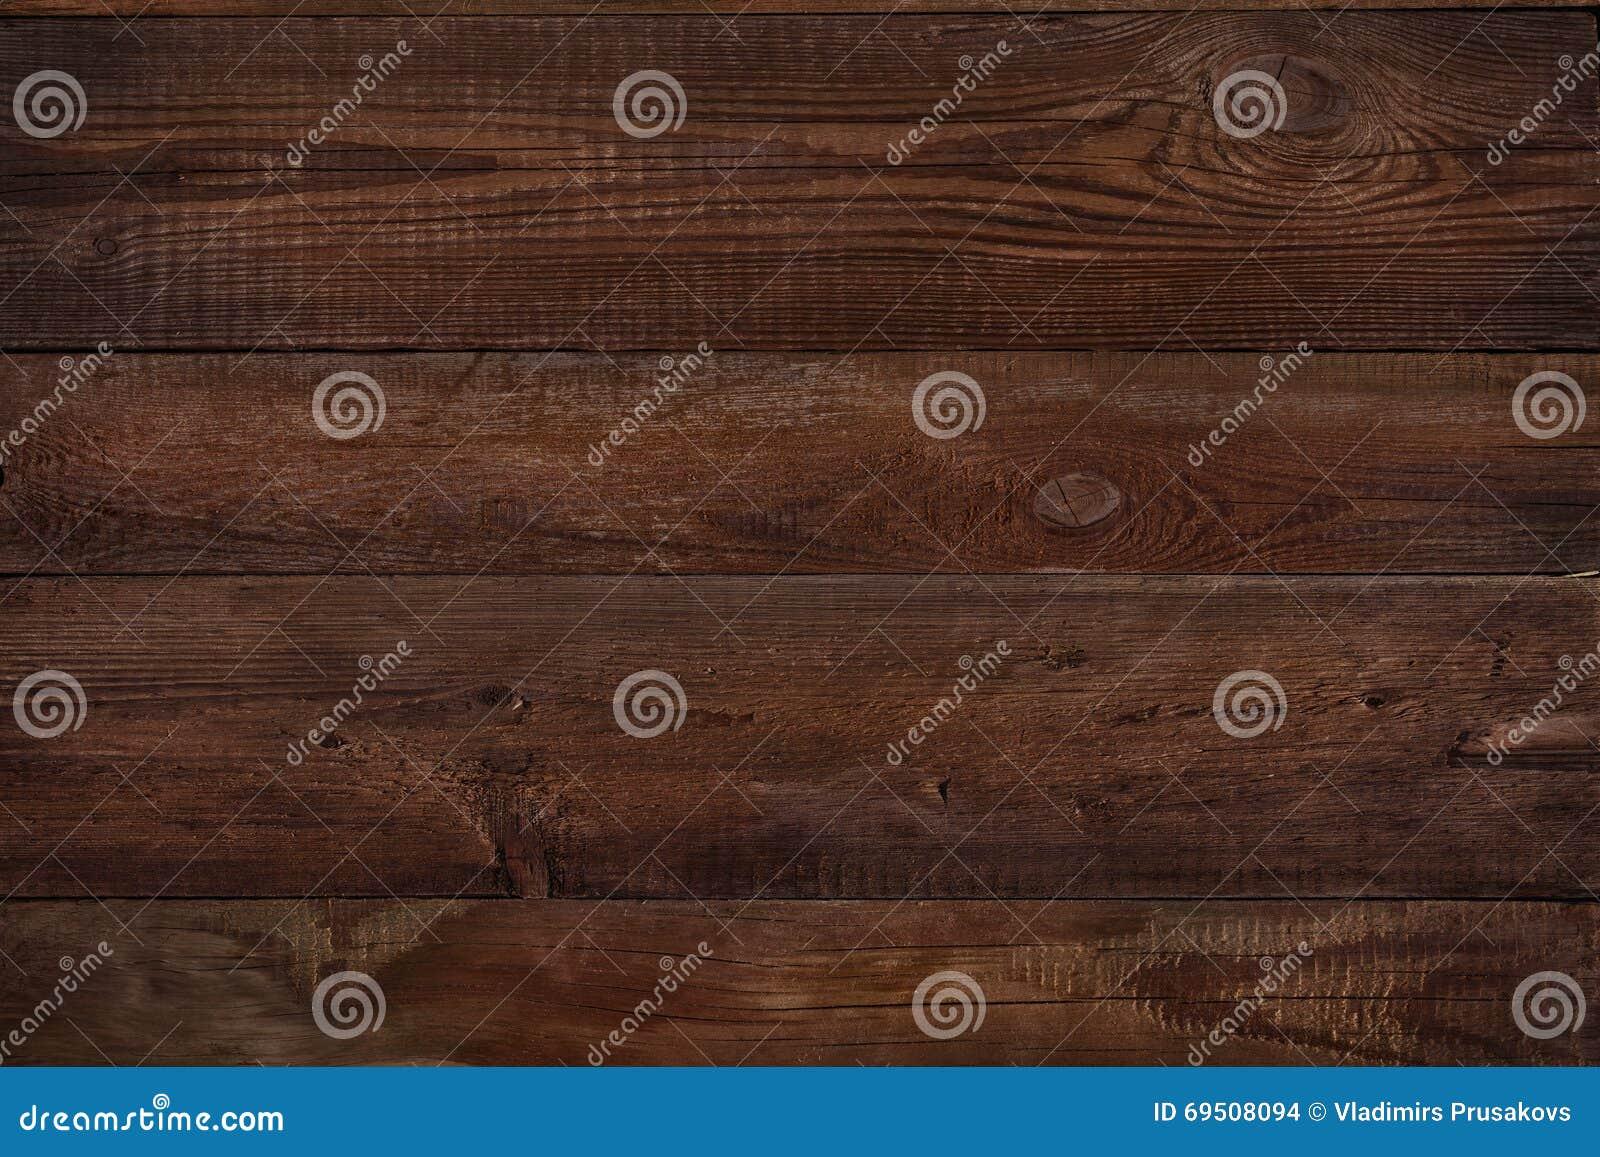 Wood texture plank grain background, wooden desk floor